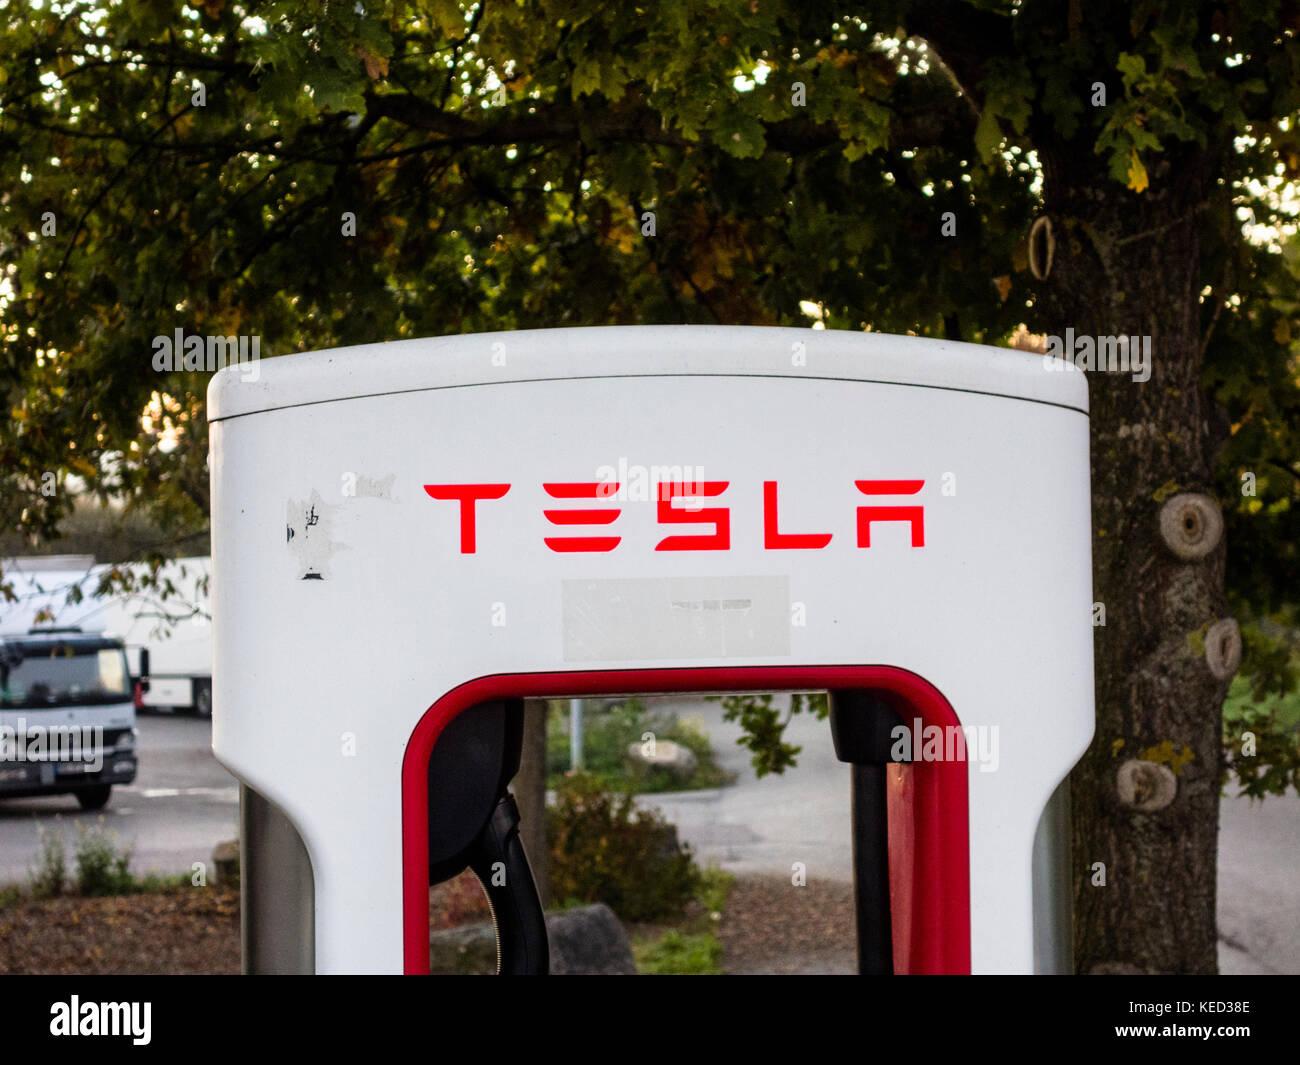 Tesla Ladegerät an einer Tankstelle in Bayern, Süddeutschland, Oktober 2017 Stockbild